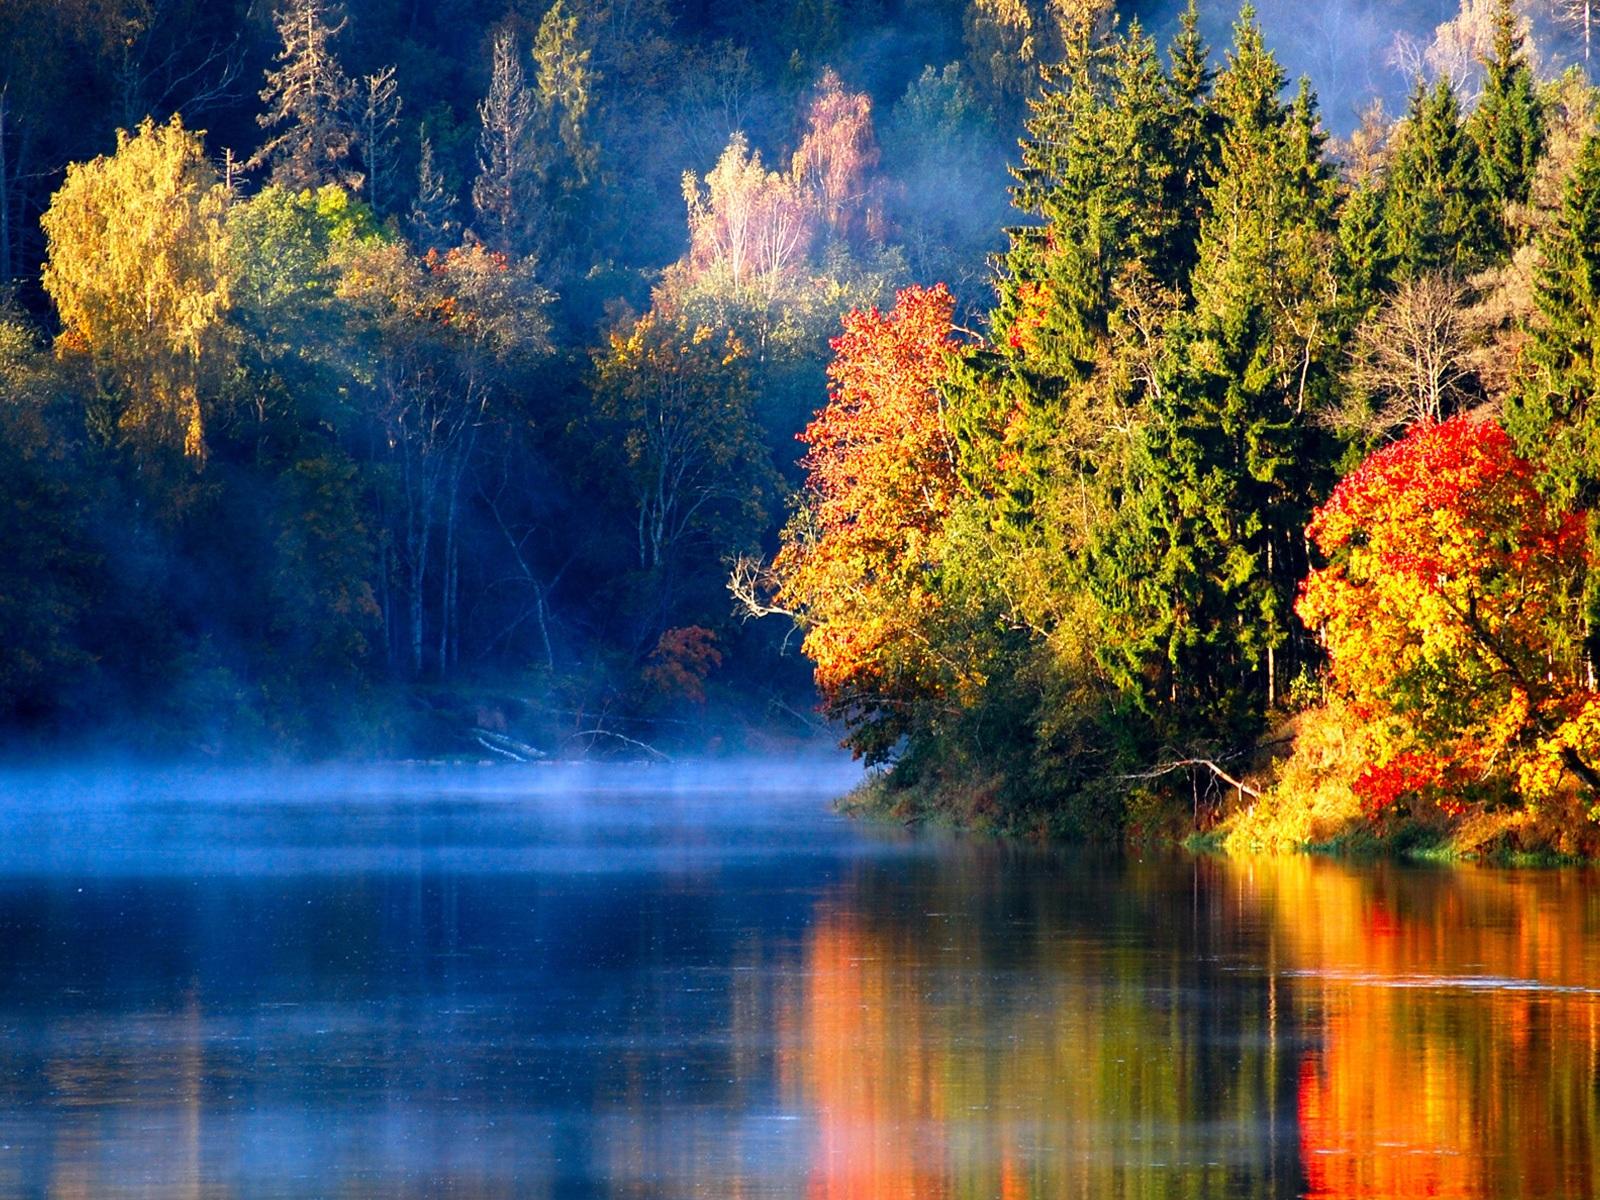 foto de Fonds d'écran Letton forêt d'automne rivière brume du matin ...